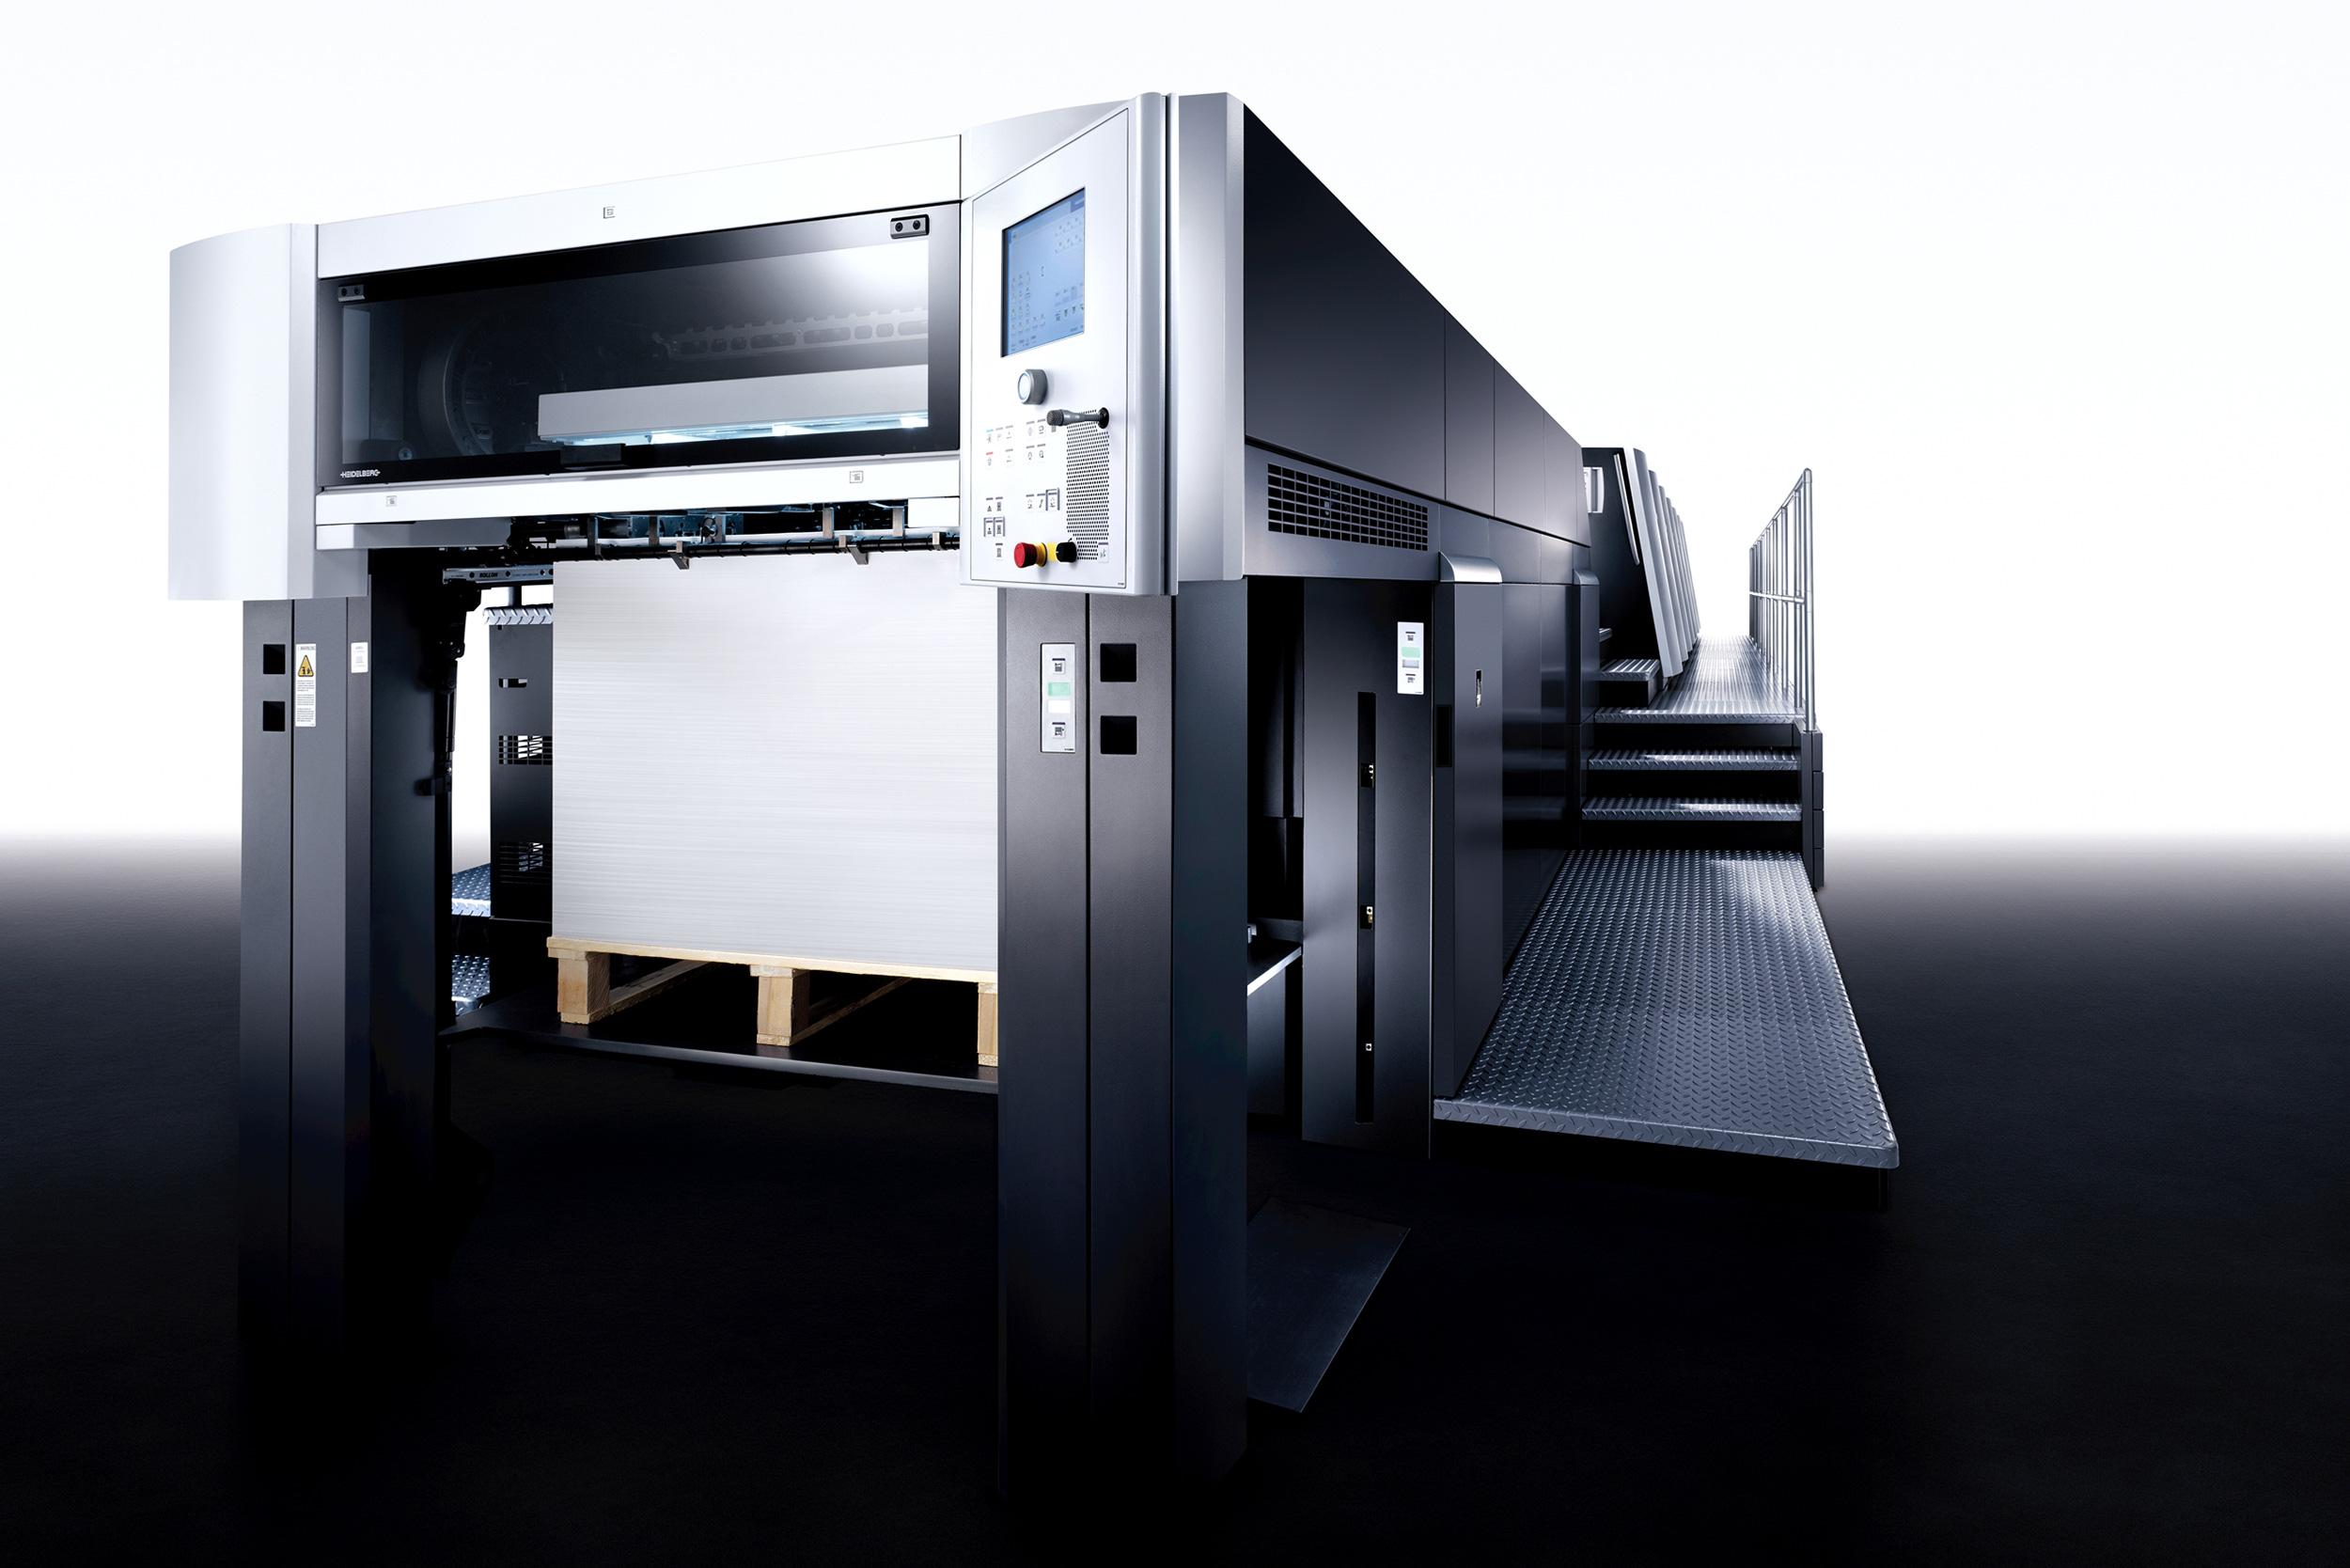 Die neueste Maschinengeneration – Installation einer Heidelberg XL 106 – 8P+L